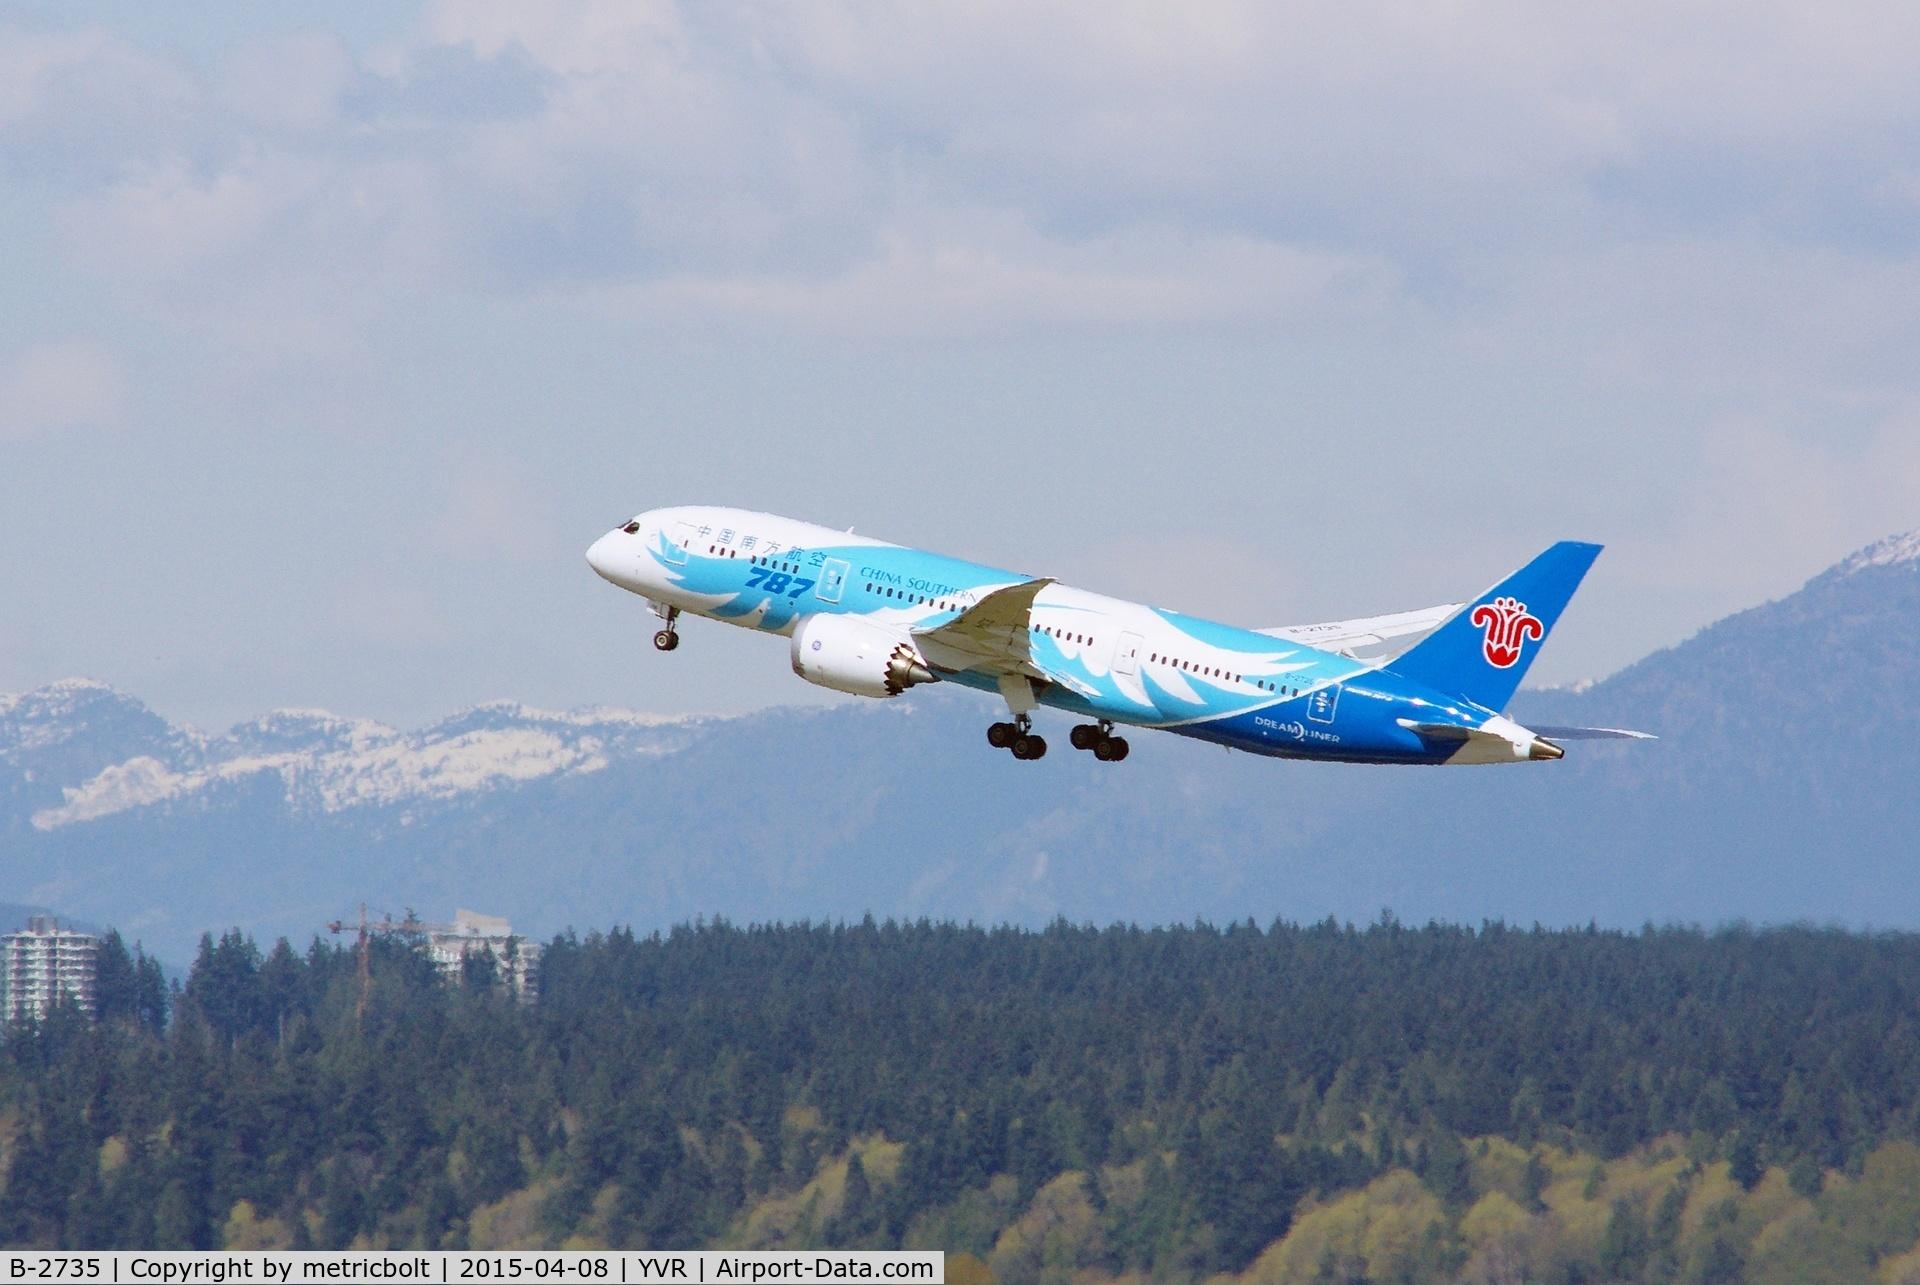 B-2735, 2013 Boeing 787-8 Dreamliner C/N 34928, Deparure to Guangzhou